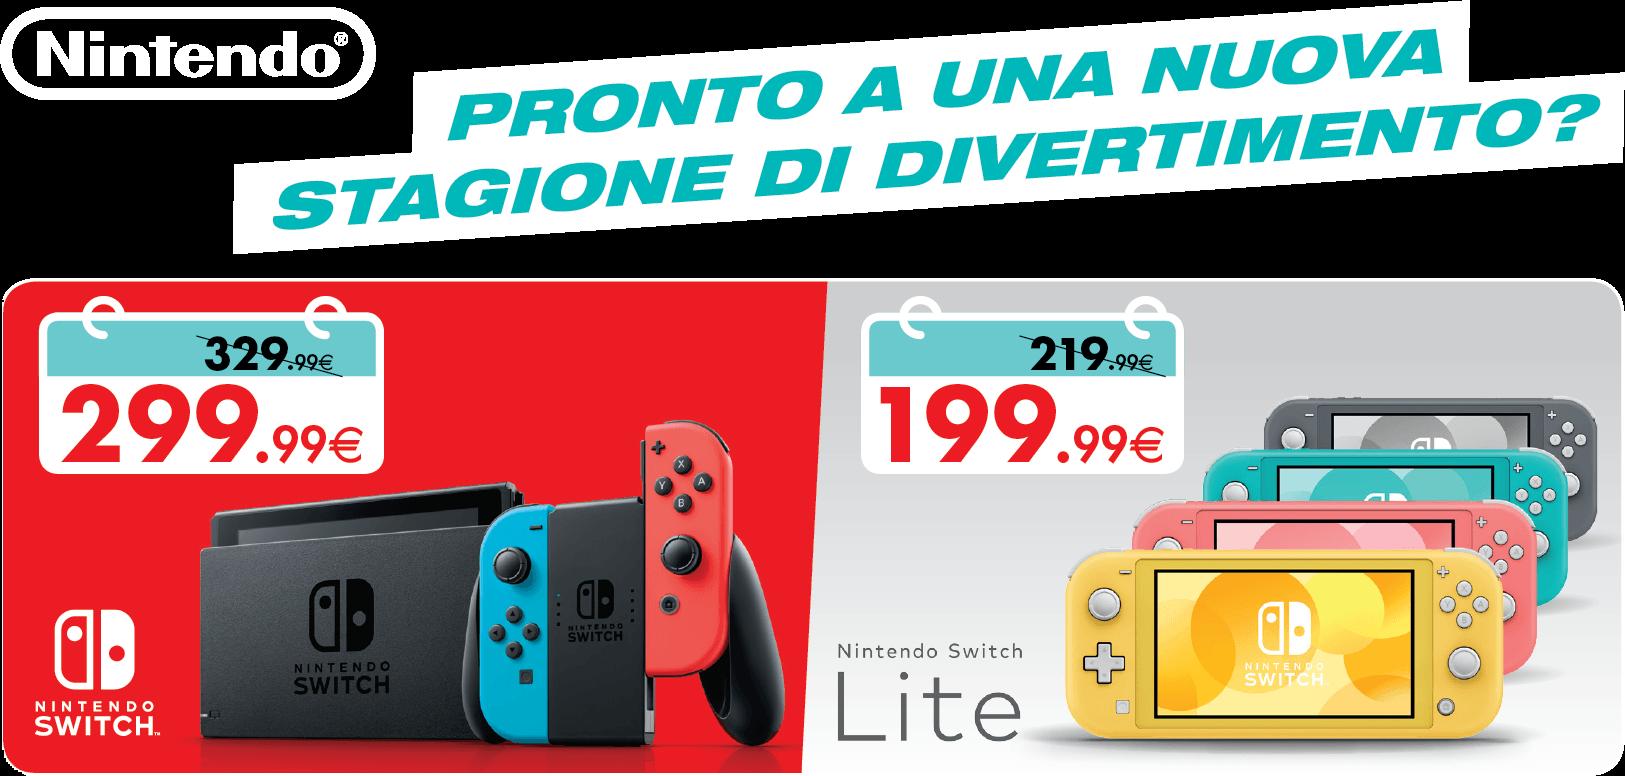 Promozioni Nintendo Settembre 2020